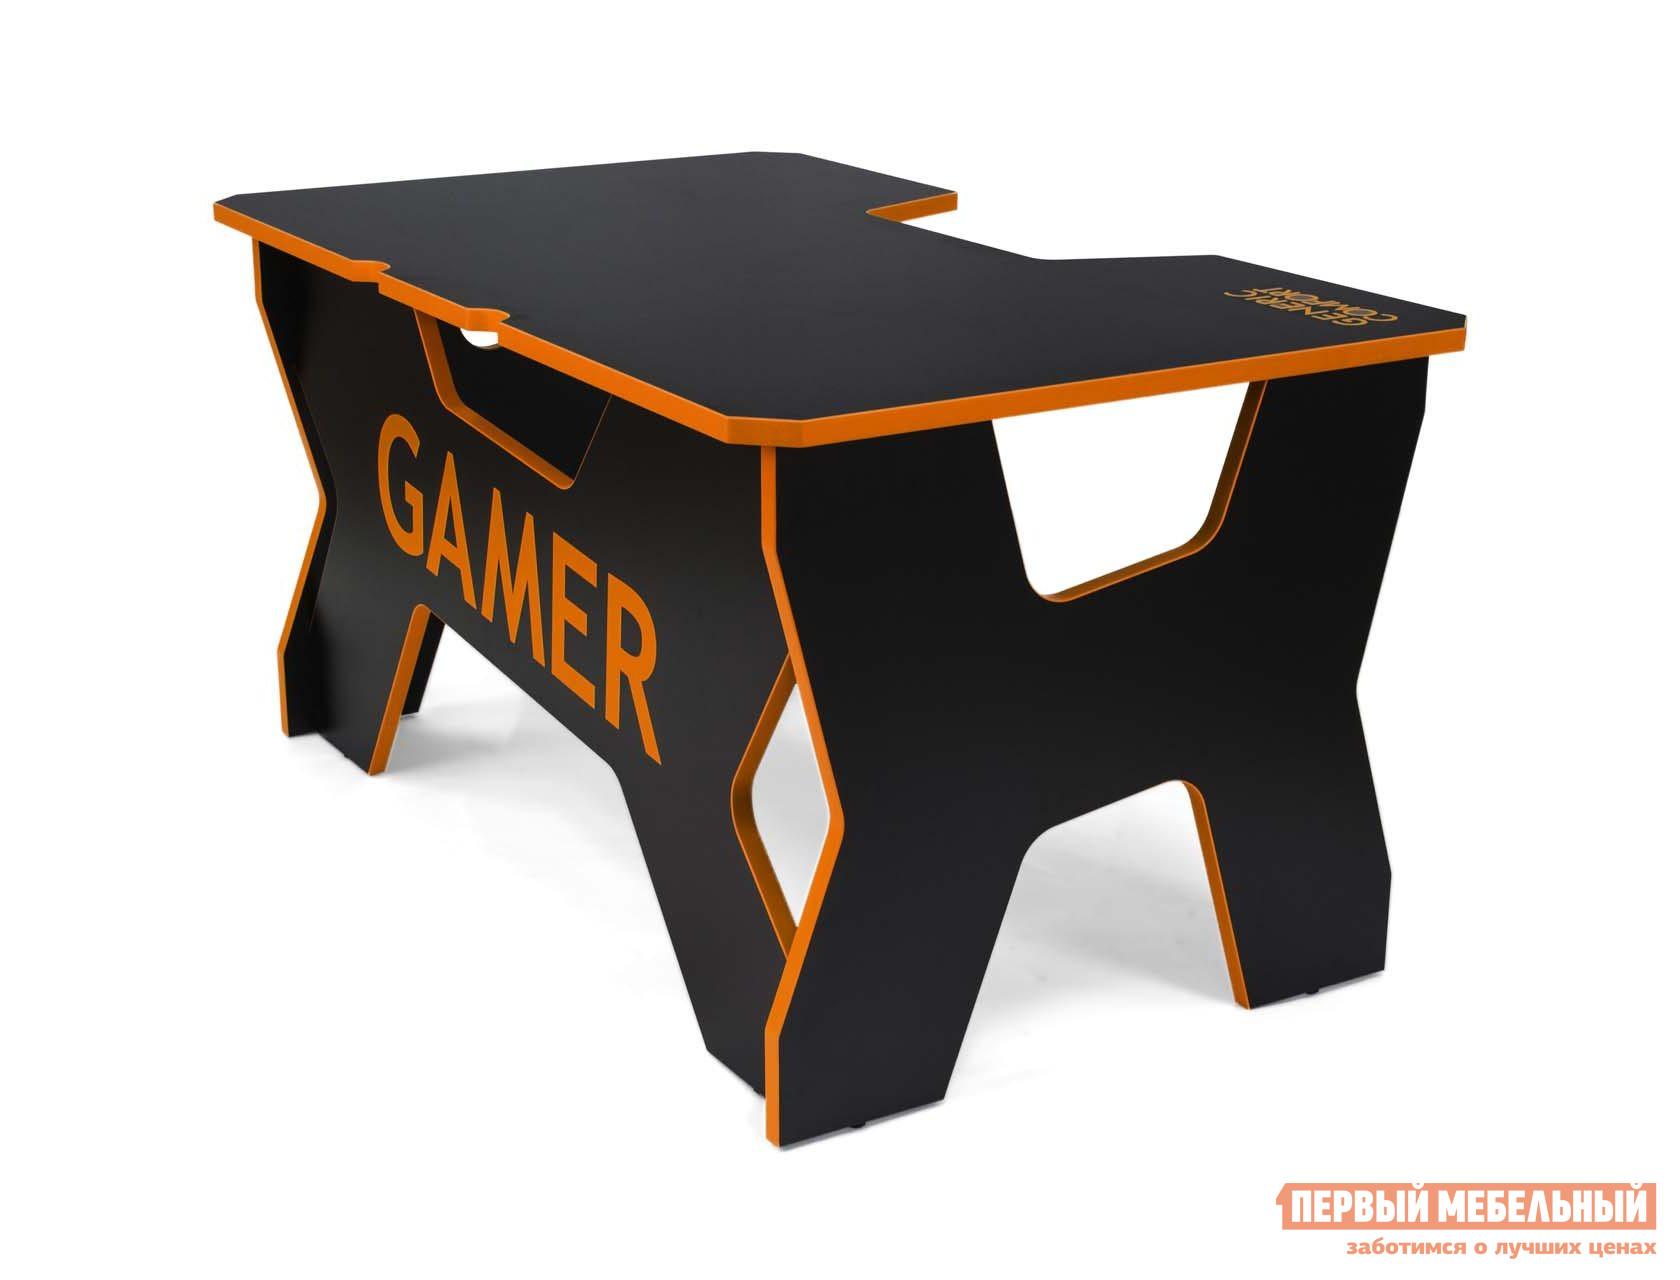 Компьютерный стол DxRacer Generic Comfort Gamer2/DS/N Черный / Оранжевый